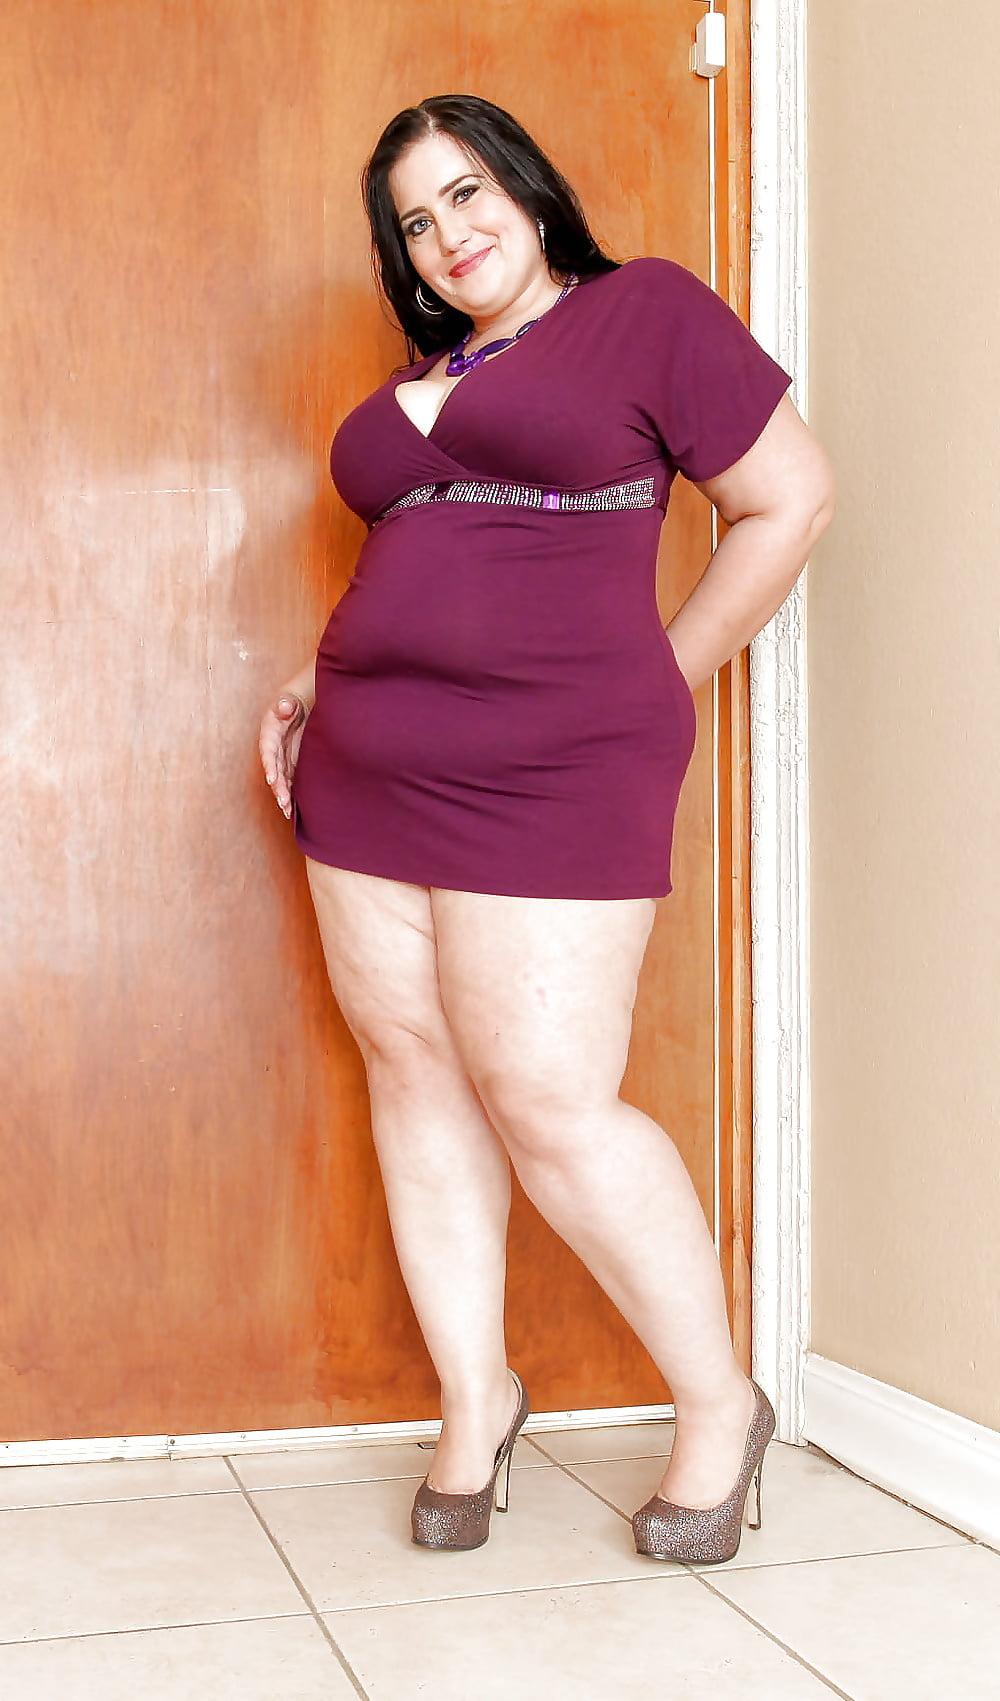 для соблазнения толстые ляжки фото девушек детально рассмотрим, что